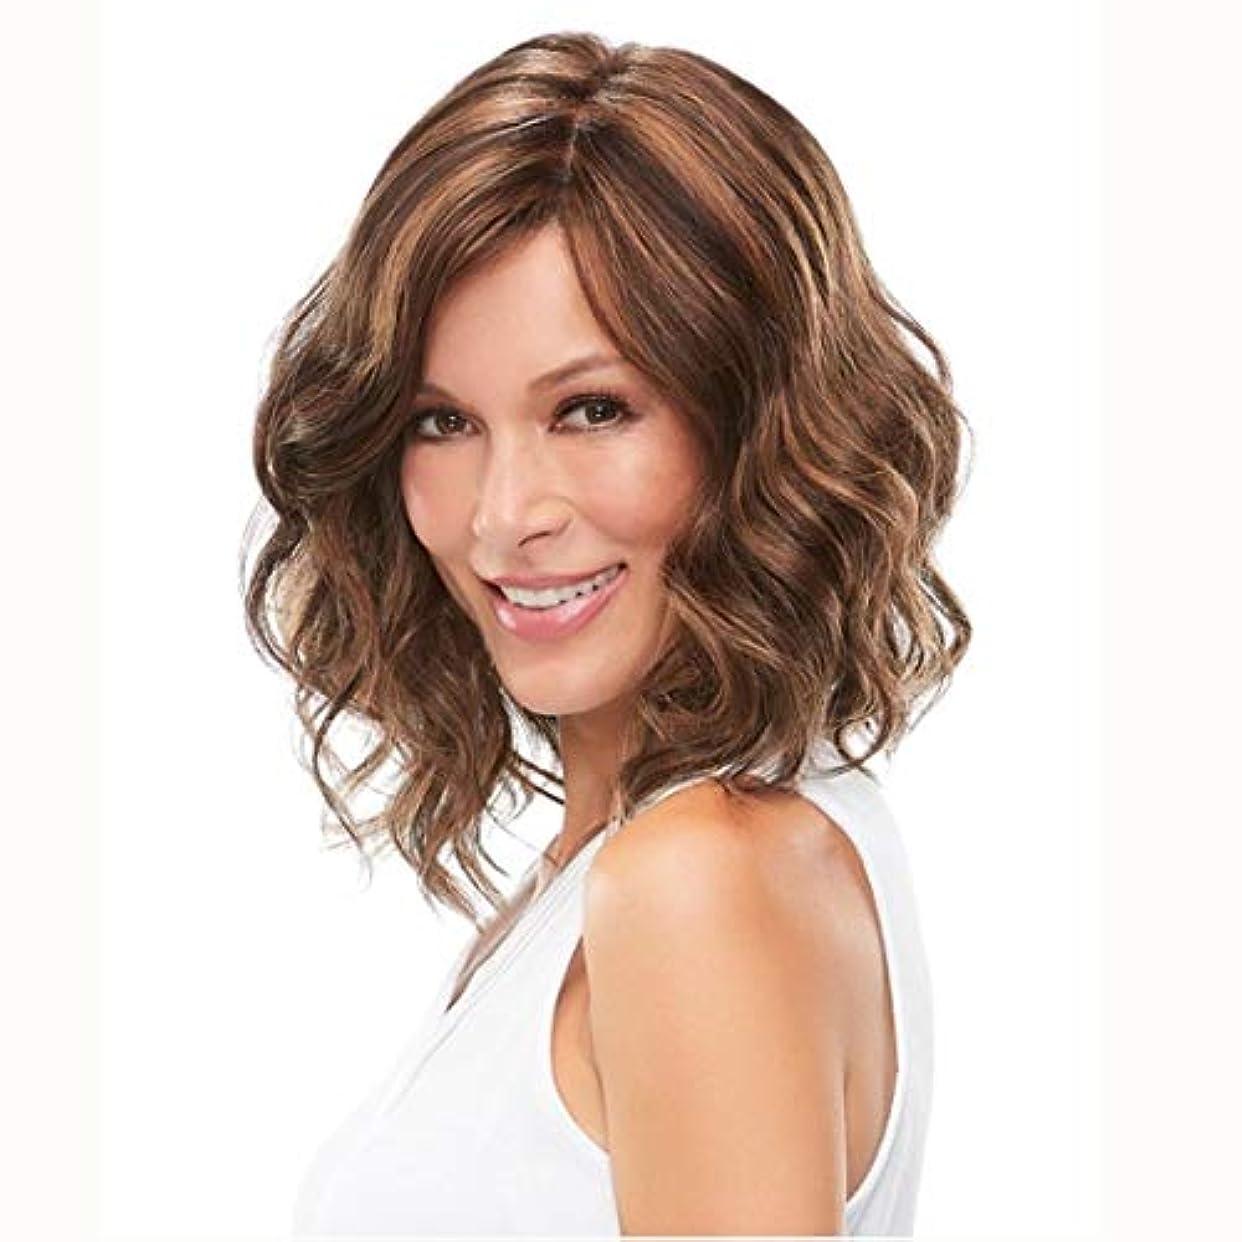 検出予知忌み嫌うKerwinner 短い巻き毛のふわふわのかつら女性の女の子のための短い波状の合成かつら